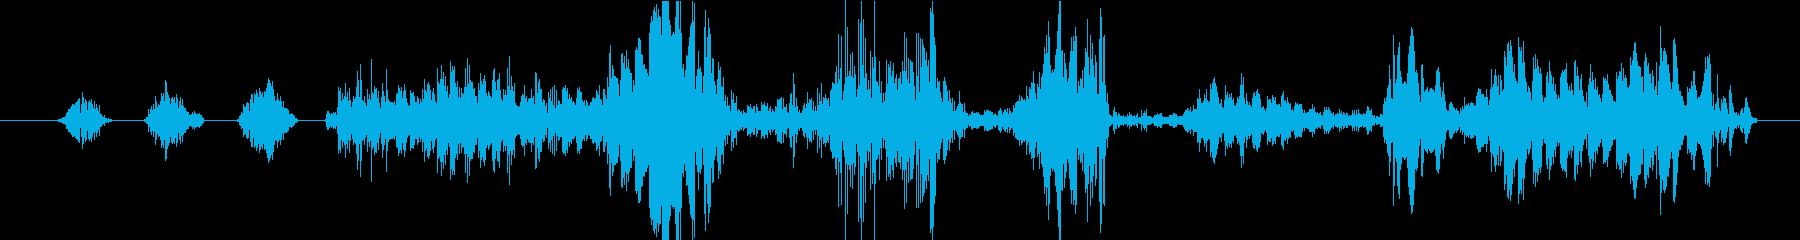 イメージ クレイジートーク07の再生済みの波形